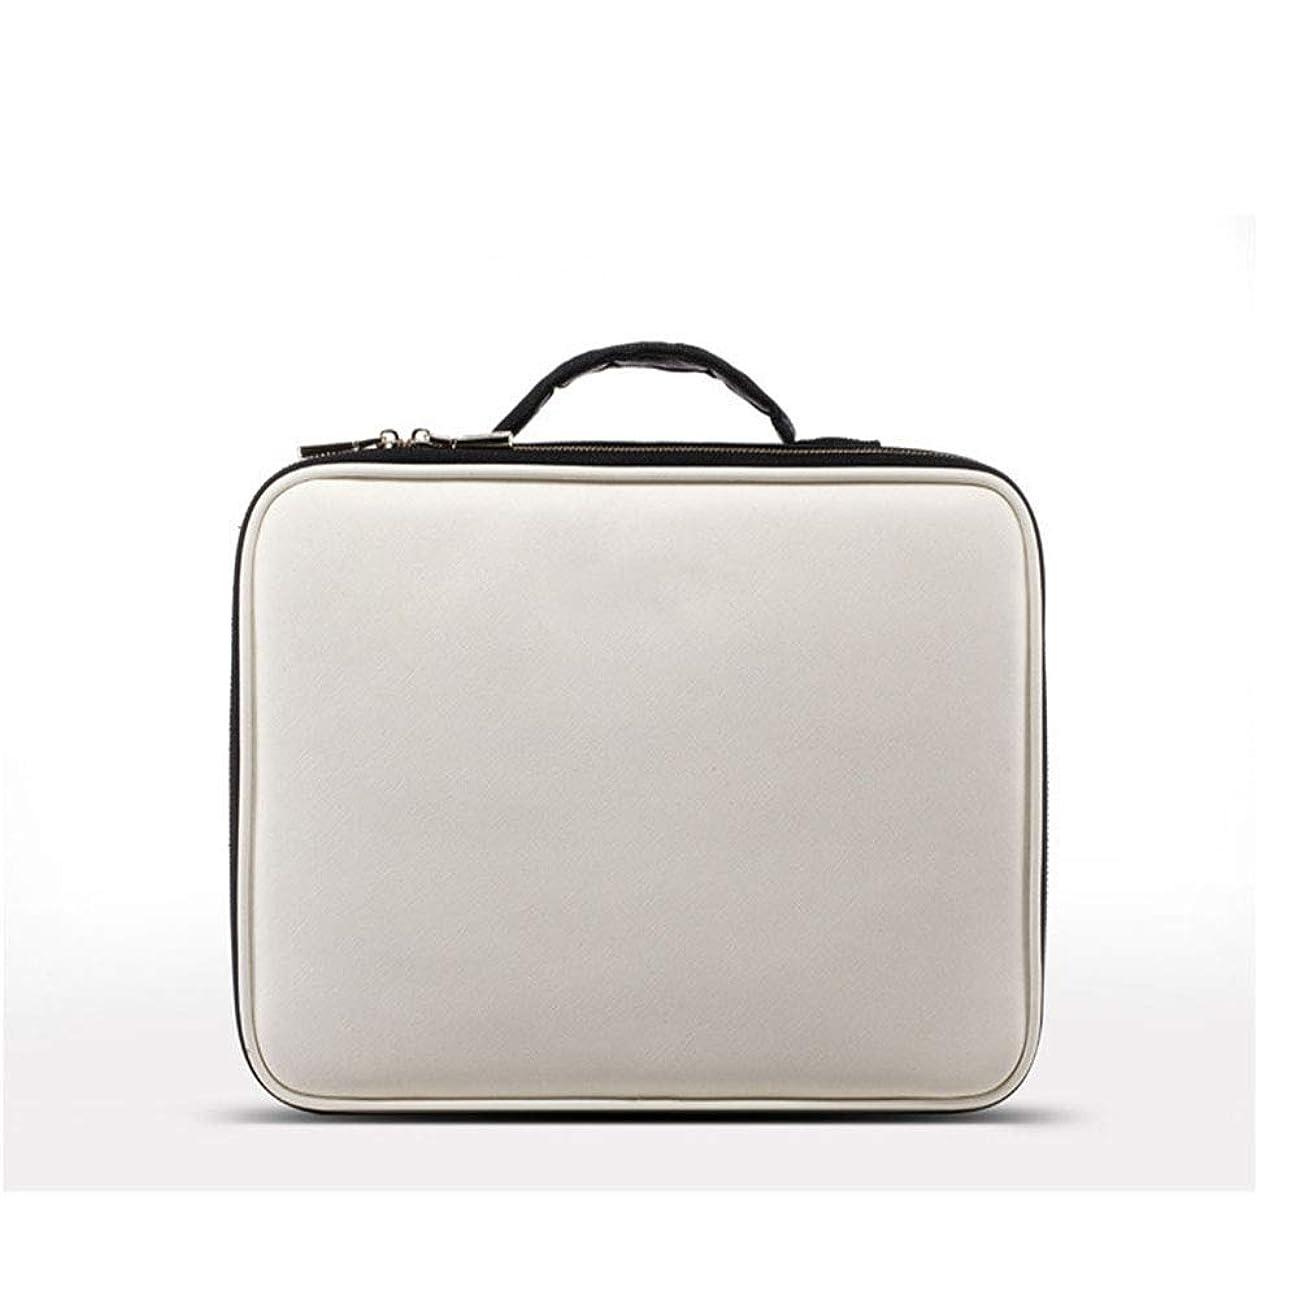 コインランドリー胴体普遍的な携帯用化粧品の箱、旅行構造箱の携帯用洗面用品のオルガナイザー用具の芸術家の収納袋男性および女性のために適した,26*23*9cm